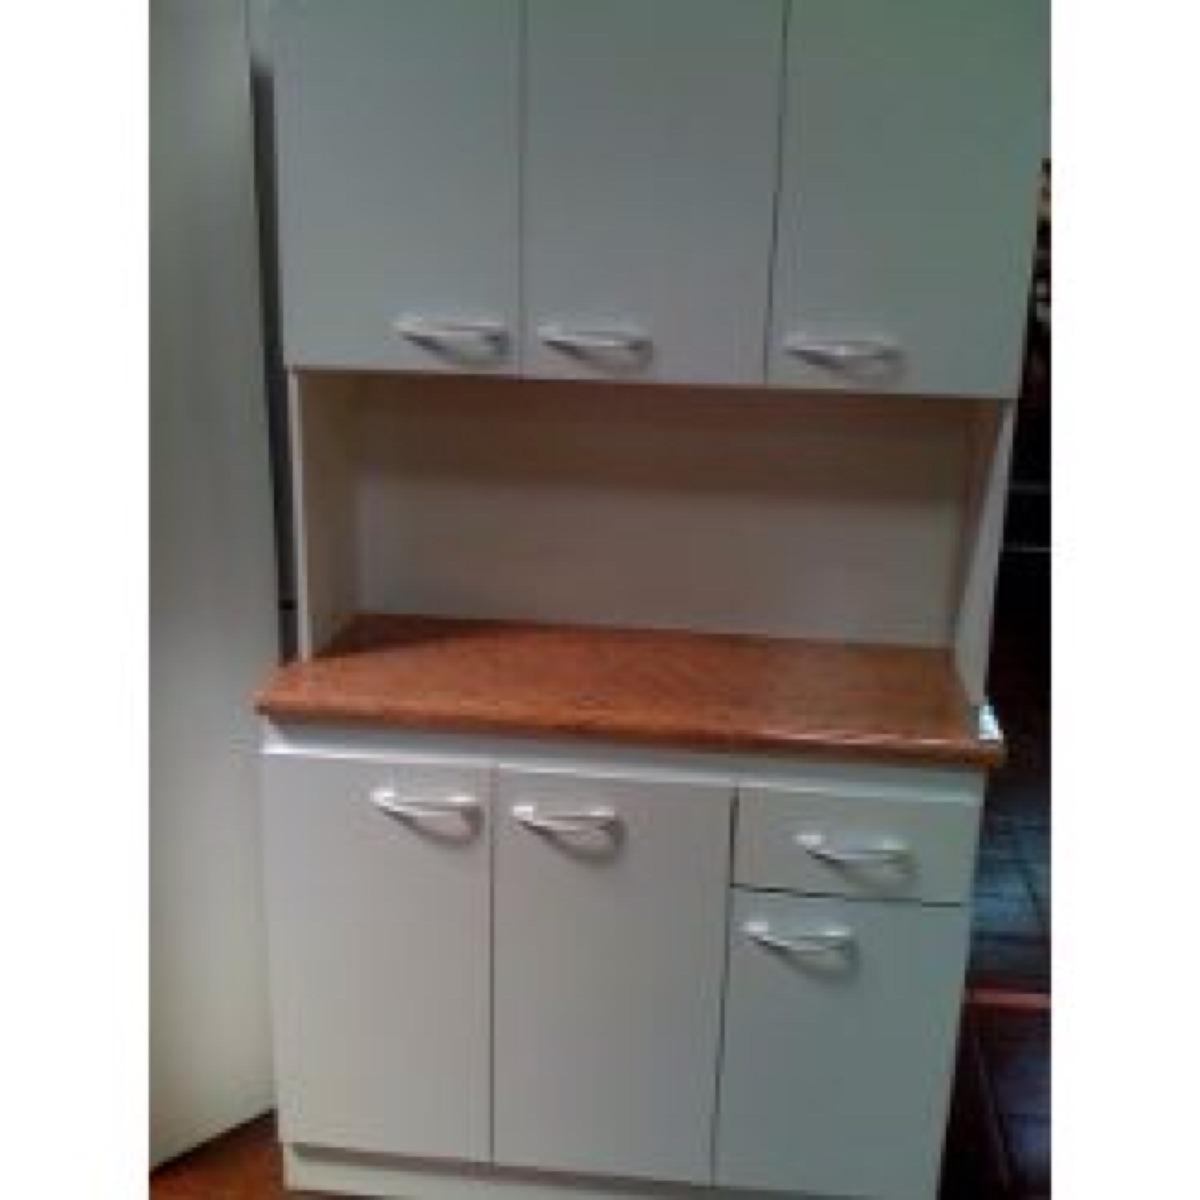 Mueble cocina compacto en mercado libre Mueble esquinero cocina